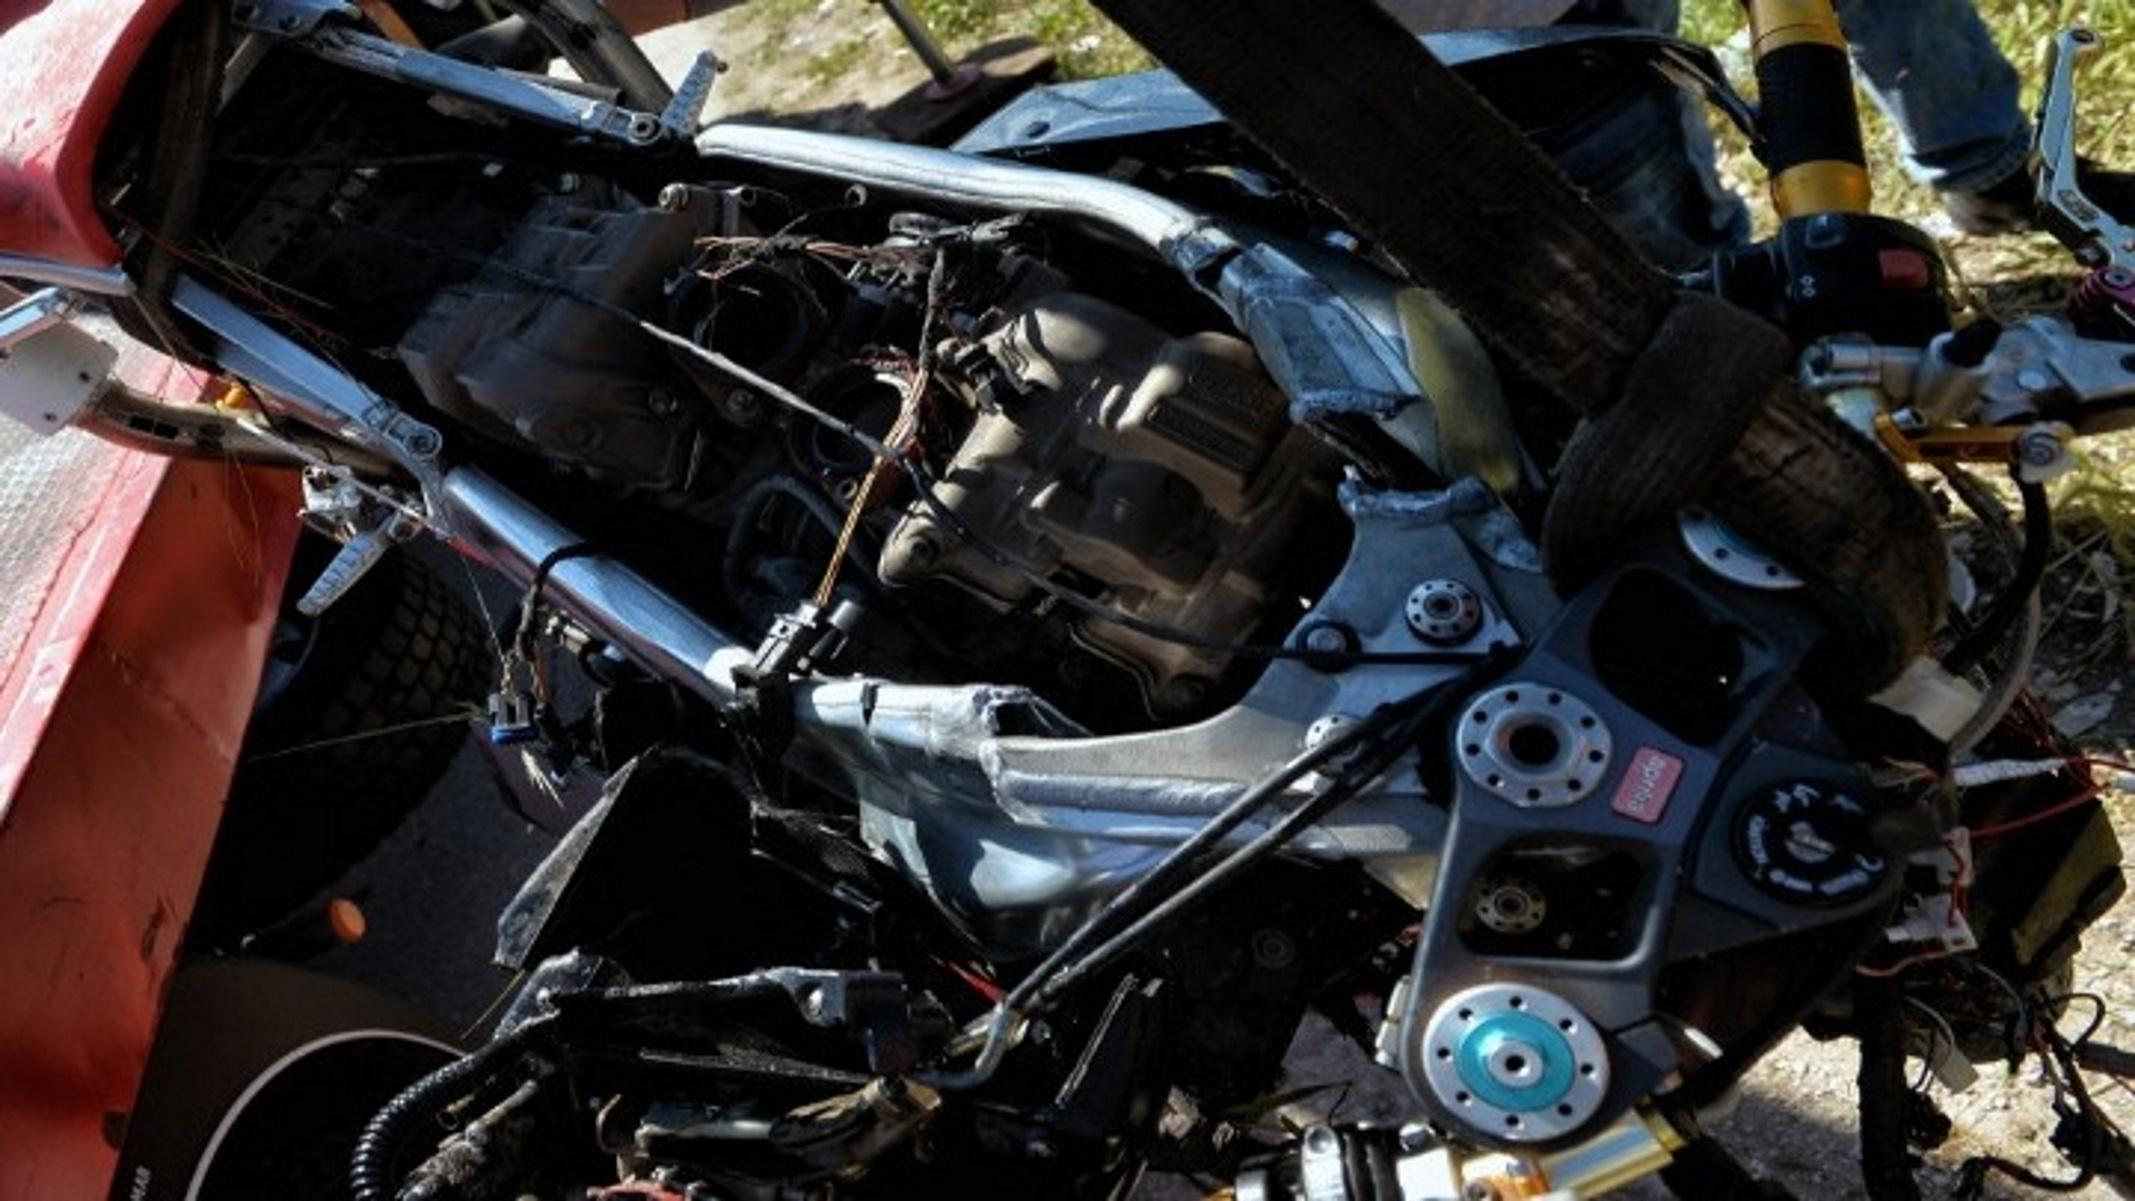 Ημαθία: Υπέκυψε και ο 18χρονος συνεπιβάτης της μηχανής, πέντε μέρες μετά το τροχαίο